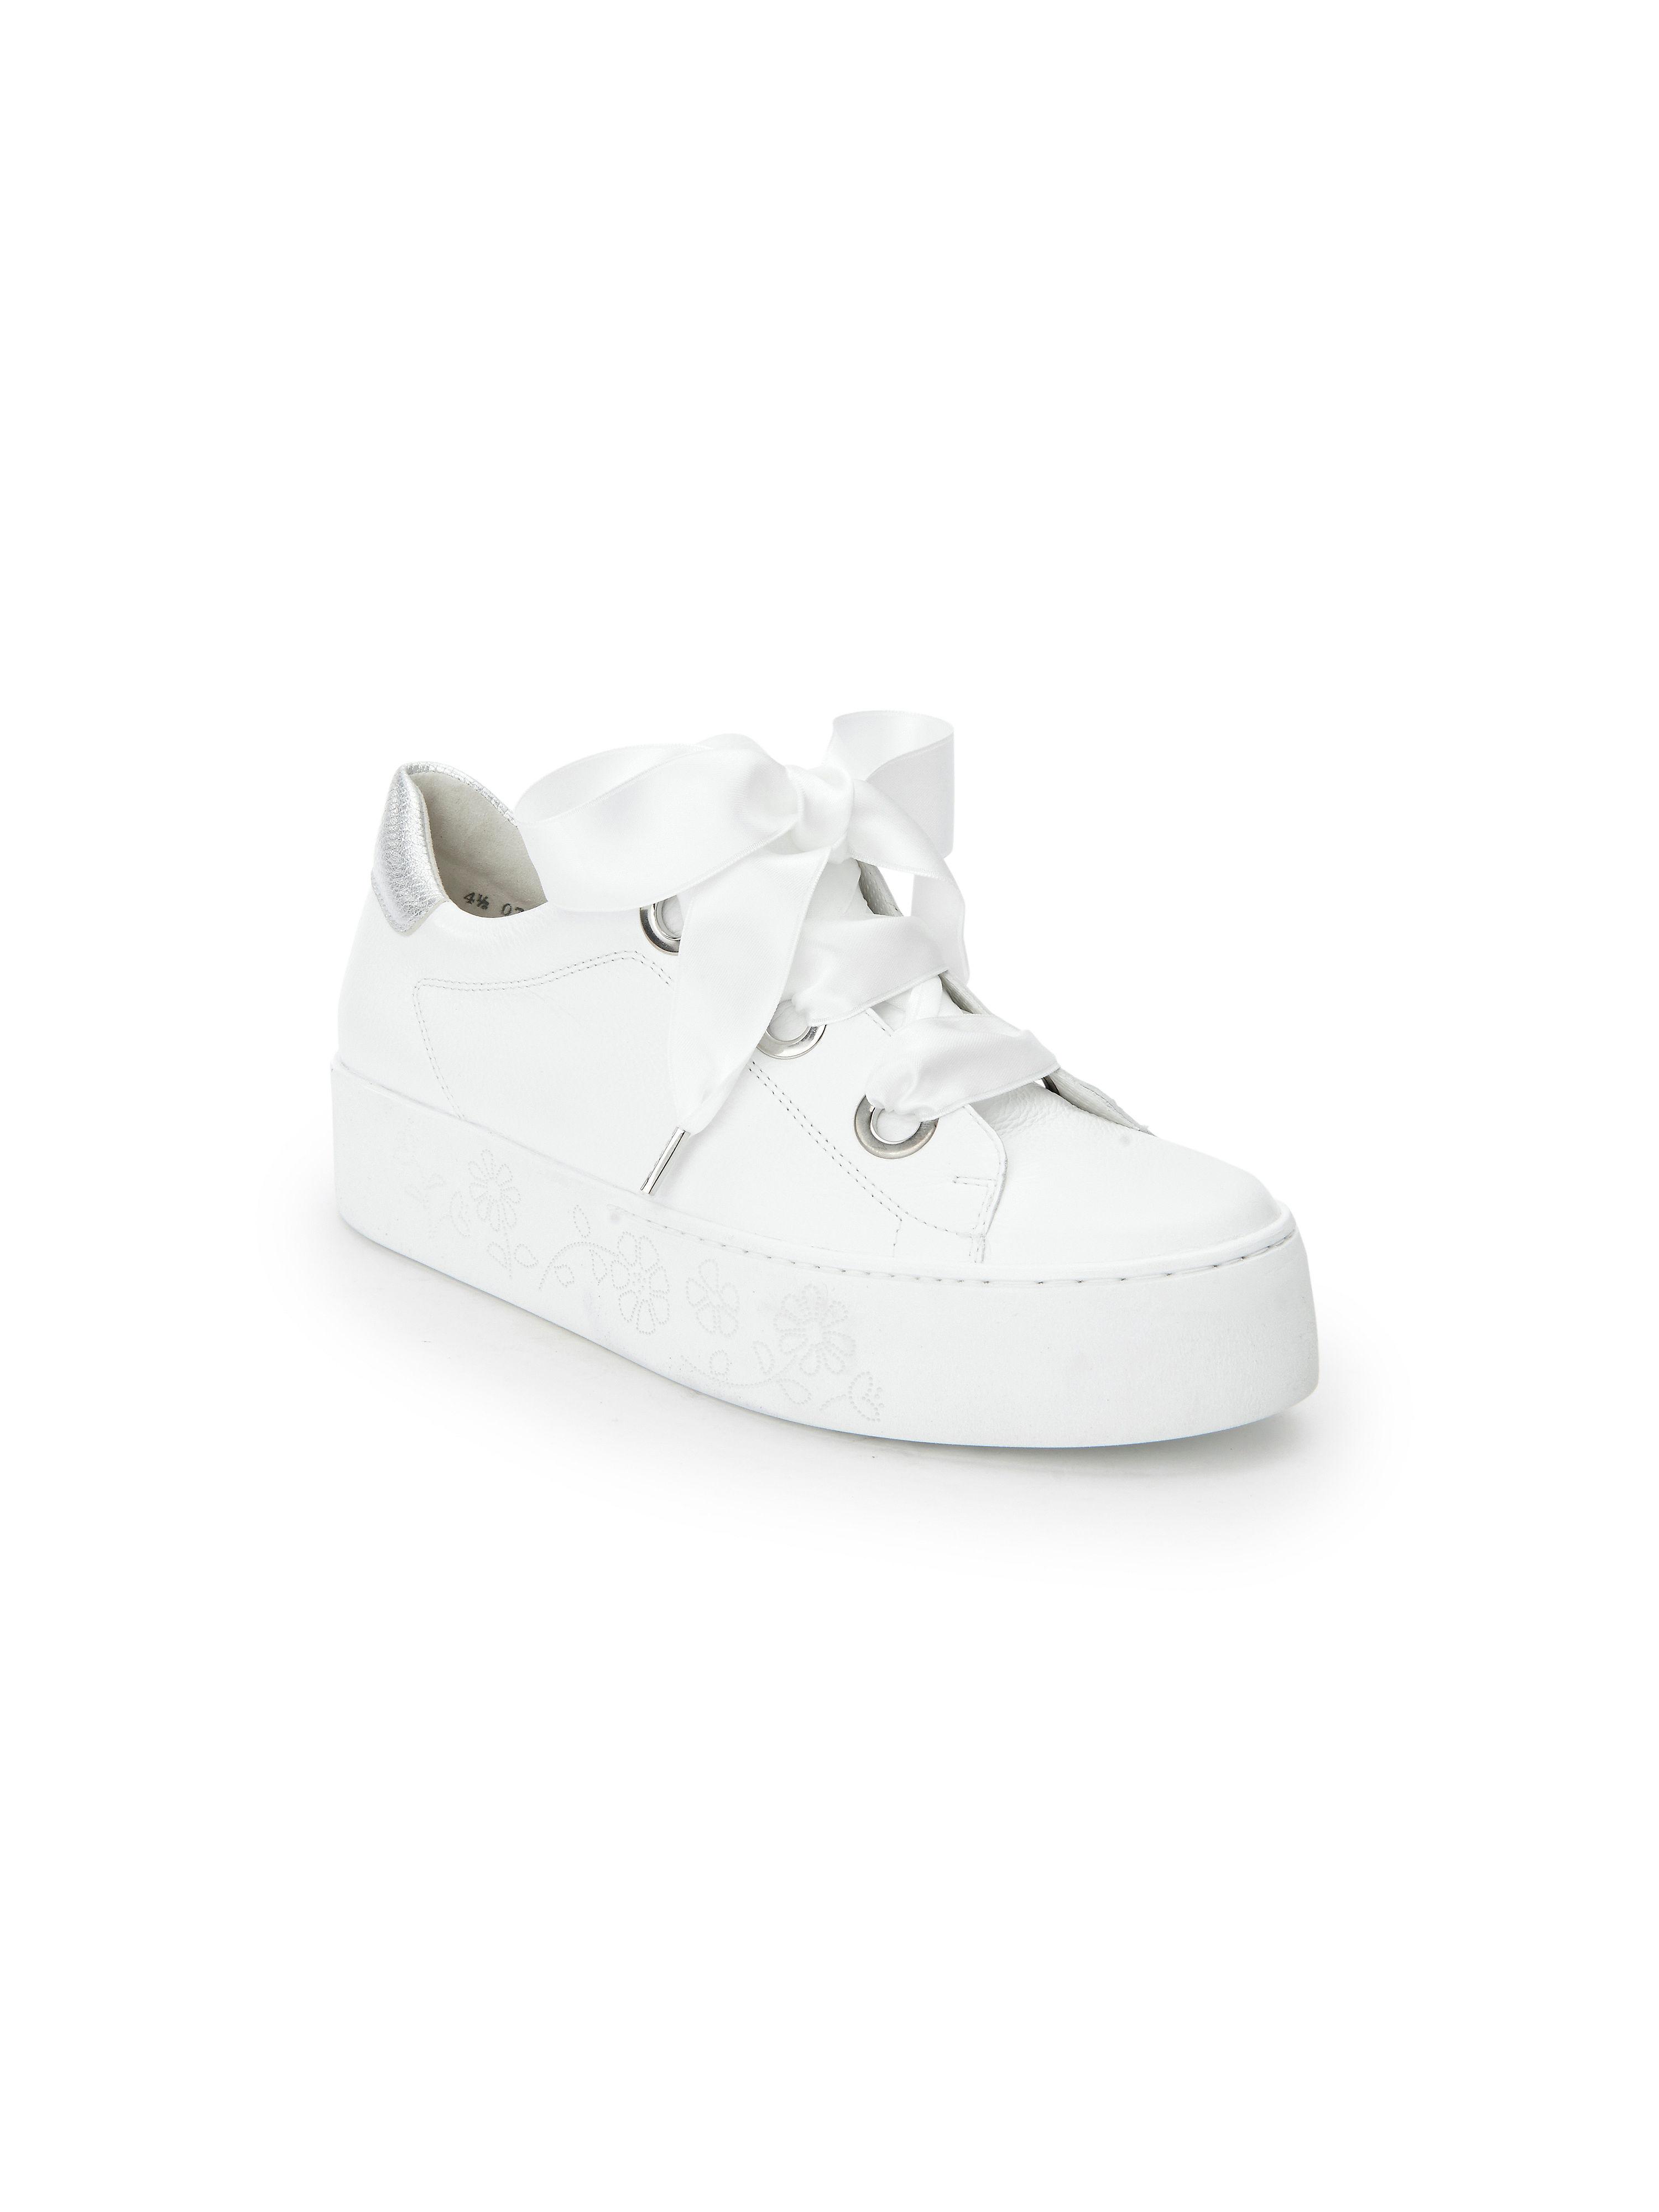 Paul Green - Sneaker - Weiß/Silber Gute Qualität beliebte Schuhe